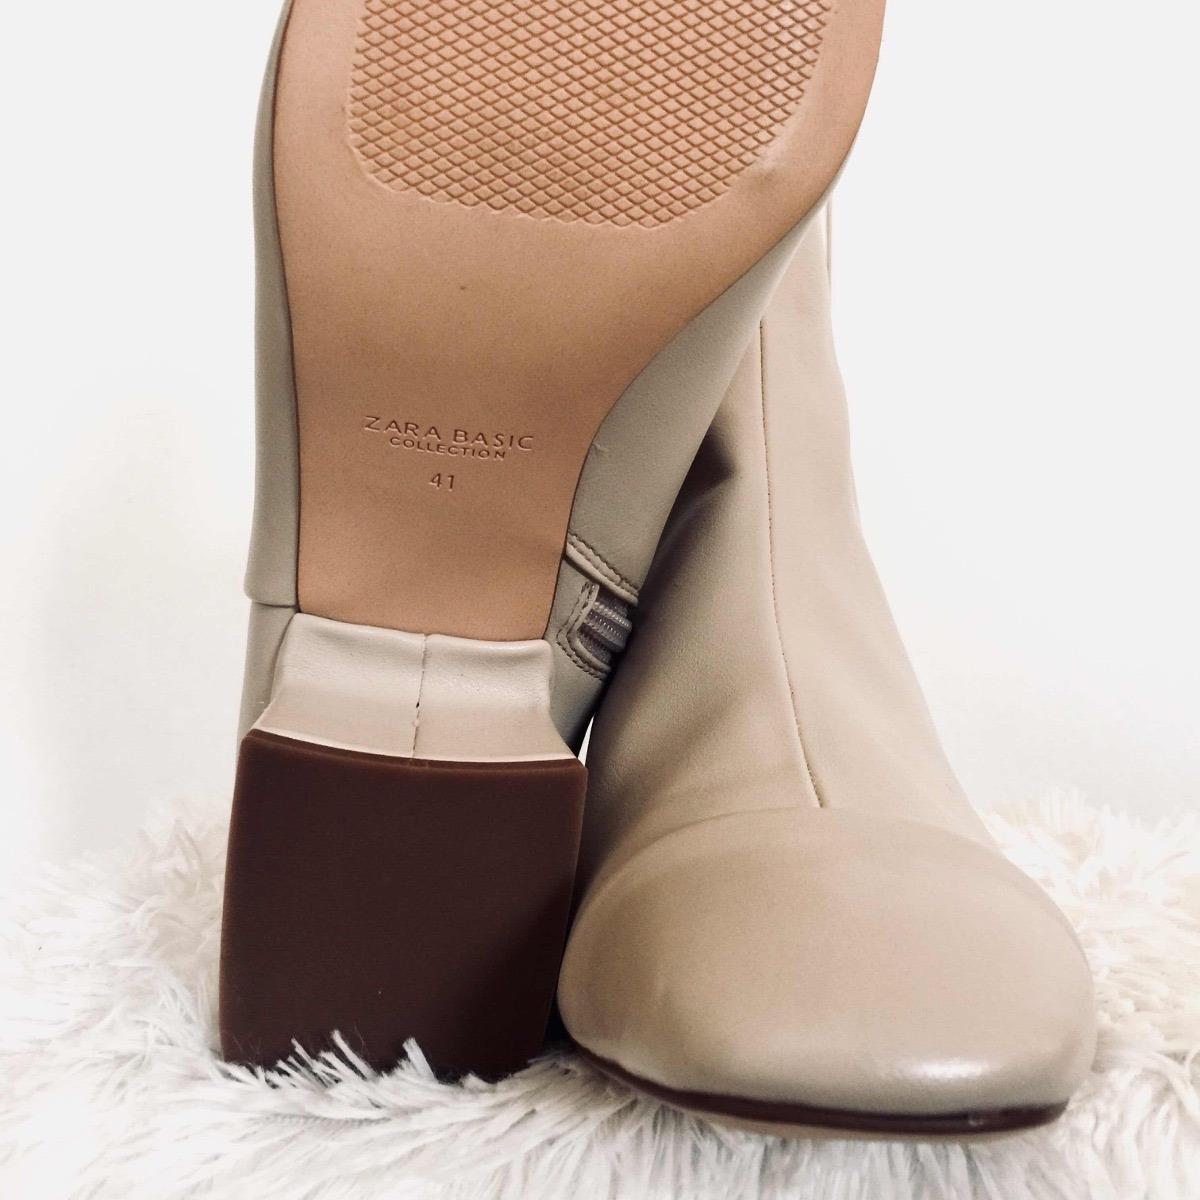 80f98ad210d Botines De Piel Para Mujer Color Beige Marca Zara -   600.00 en ...